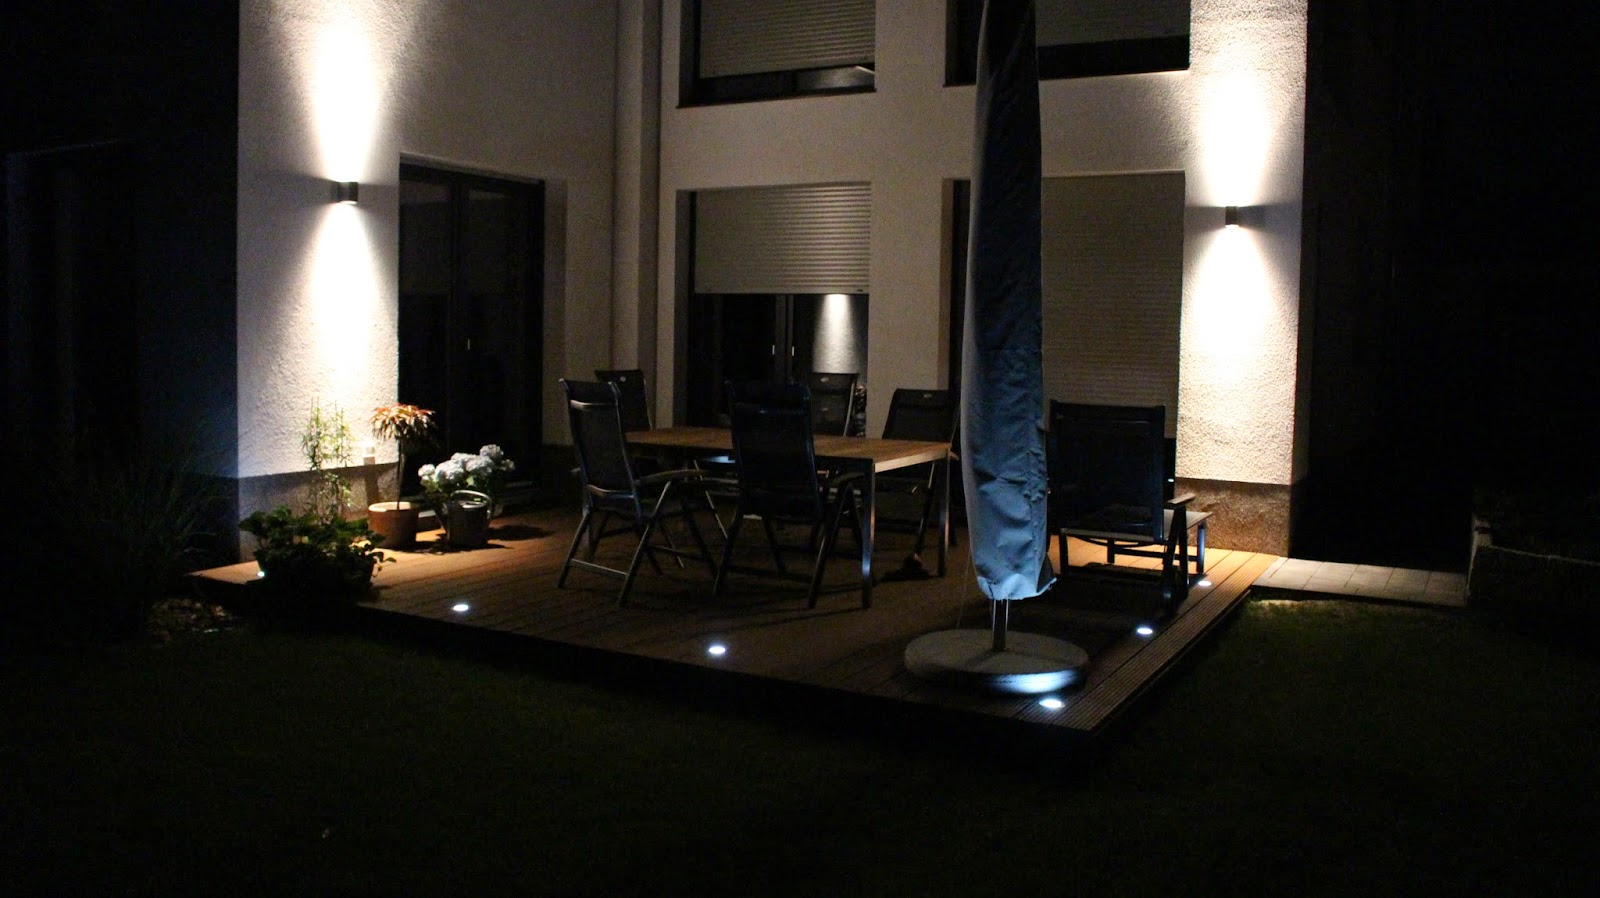 baubericht dachstrift terrassenbeleuchtung bei nacht. Black Bedroom Furniture Sets. Home Design Ideas